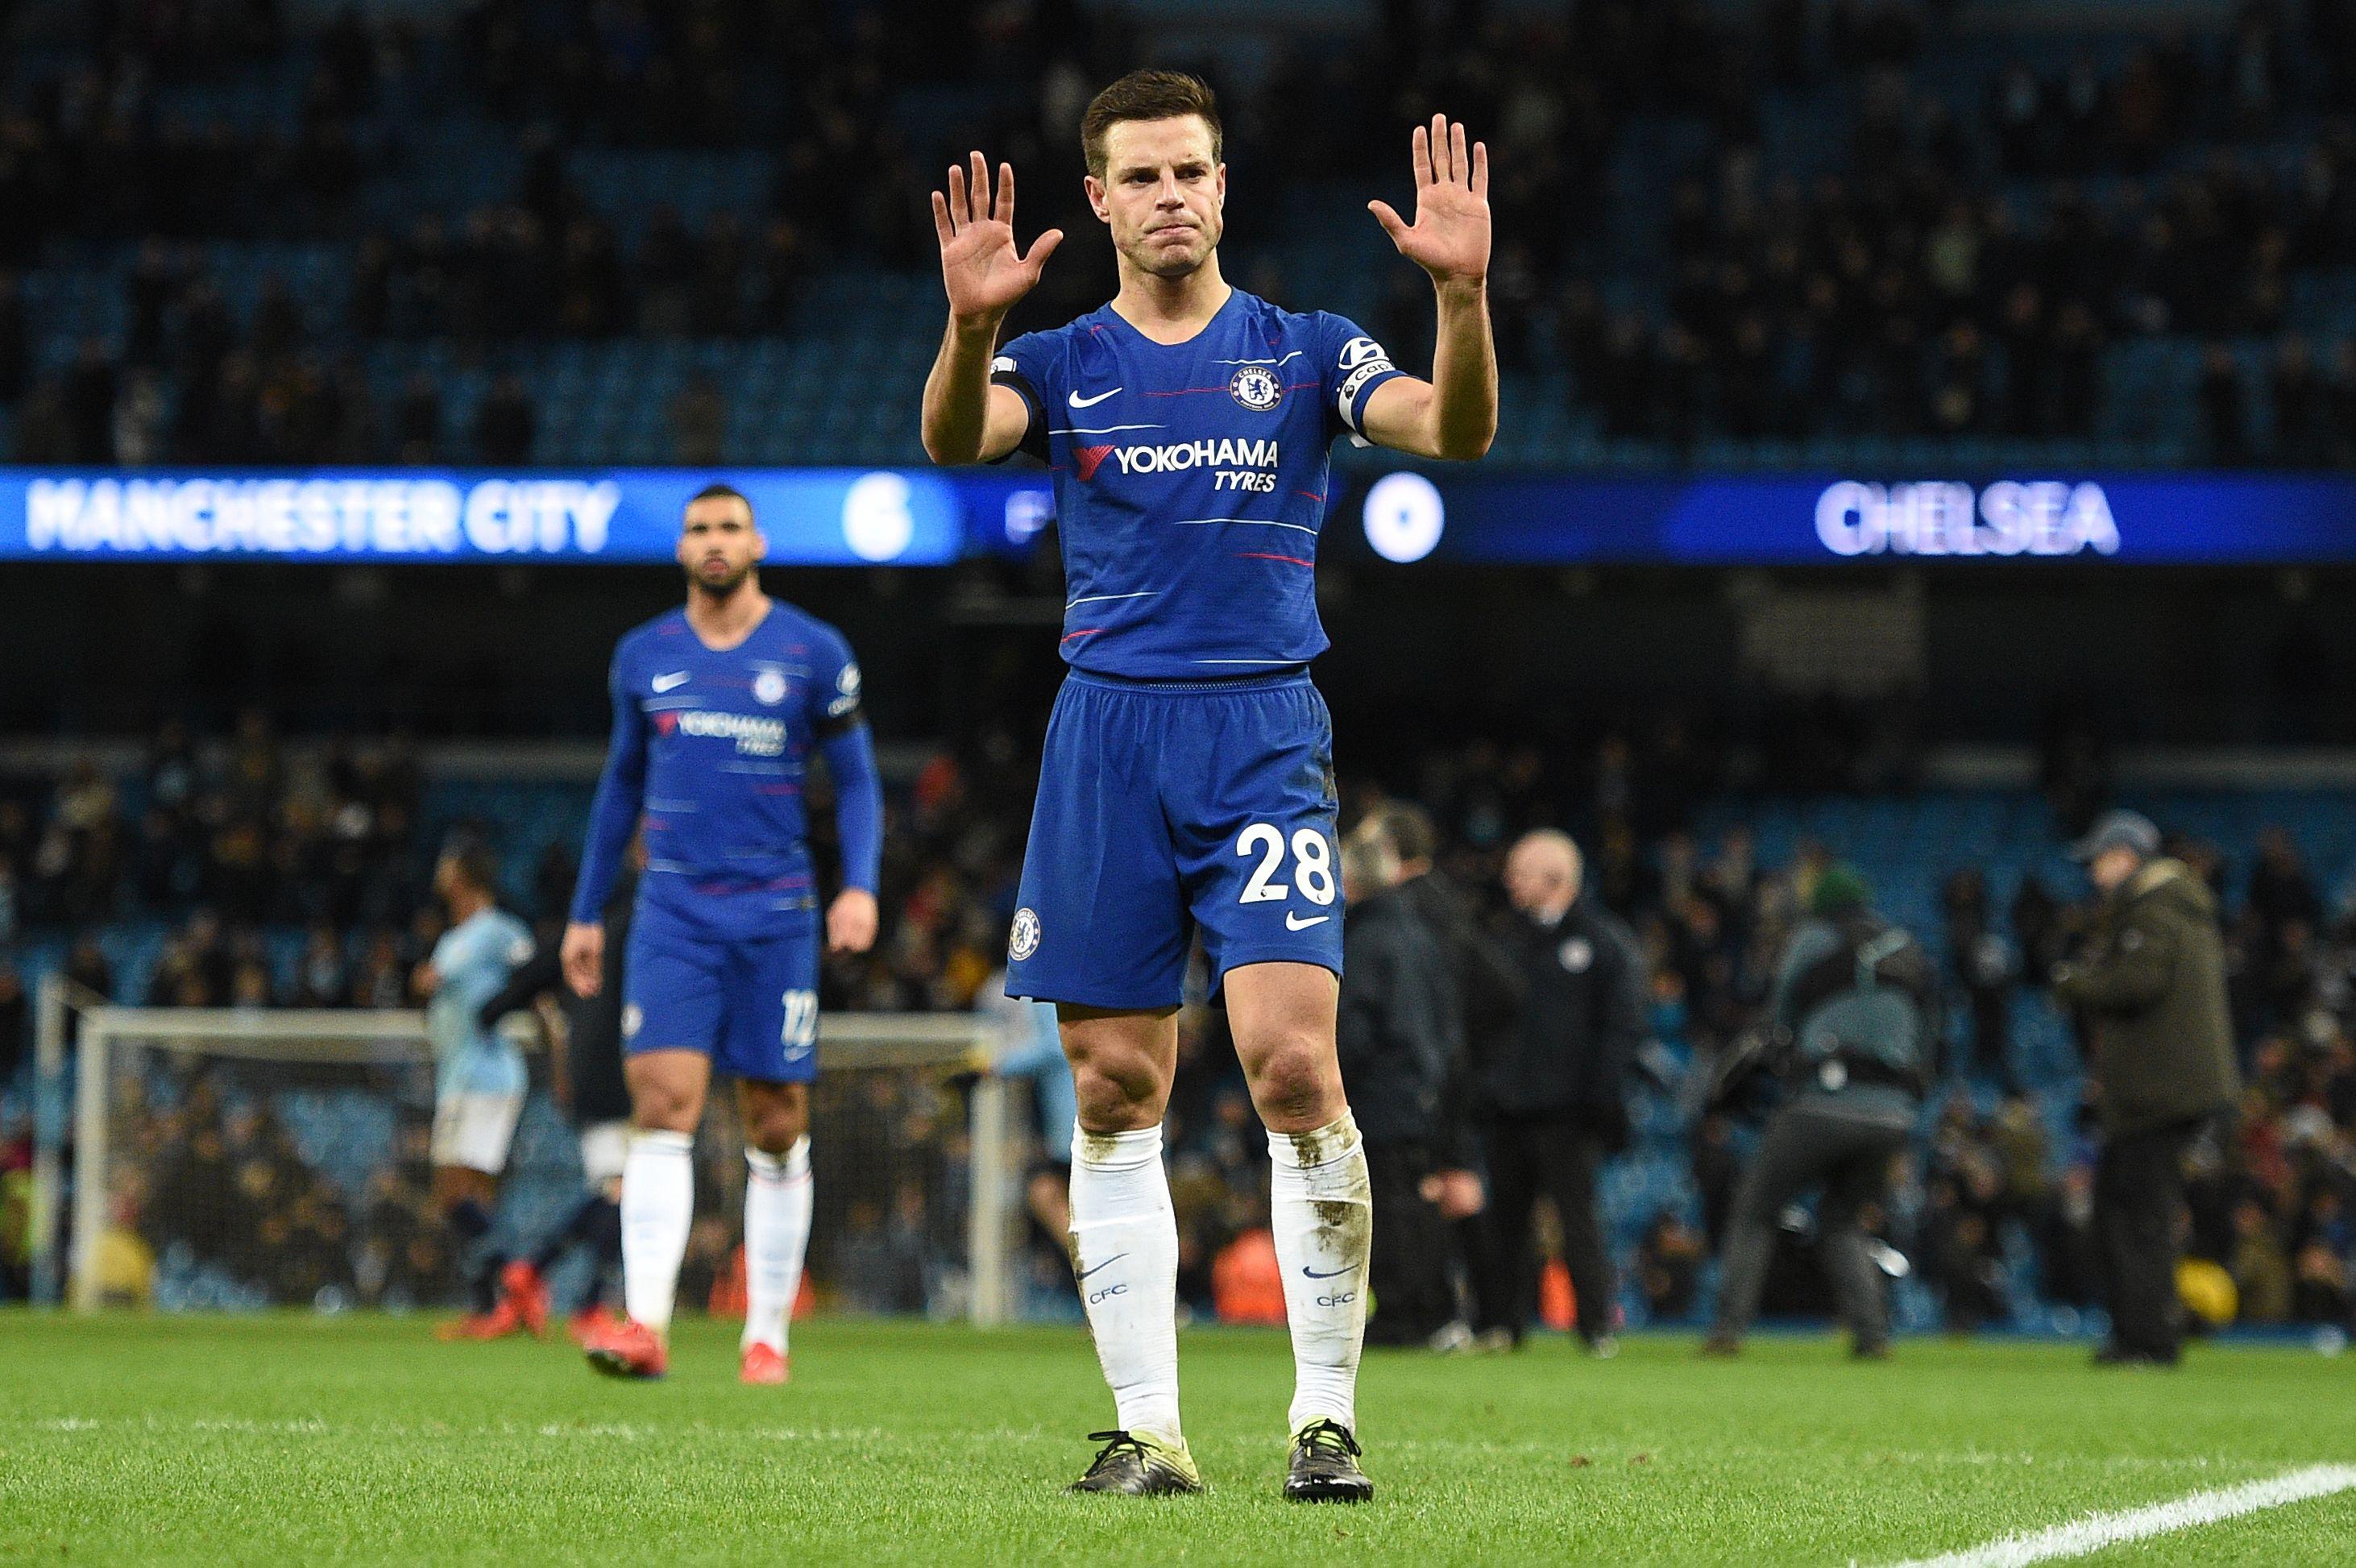 Cesar Azpilicueta Manchester City Chelsea Premier League 02/10/19